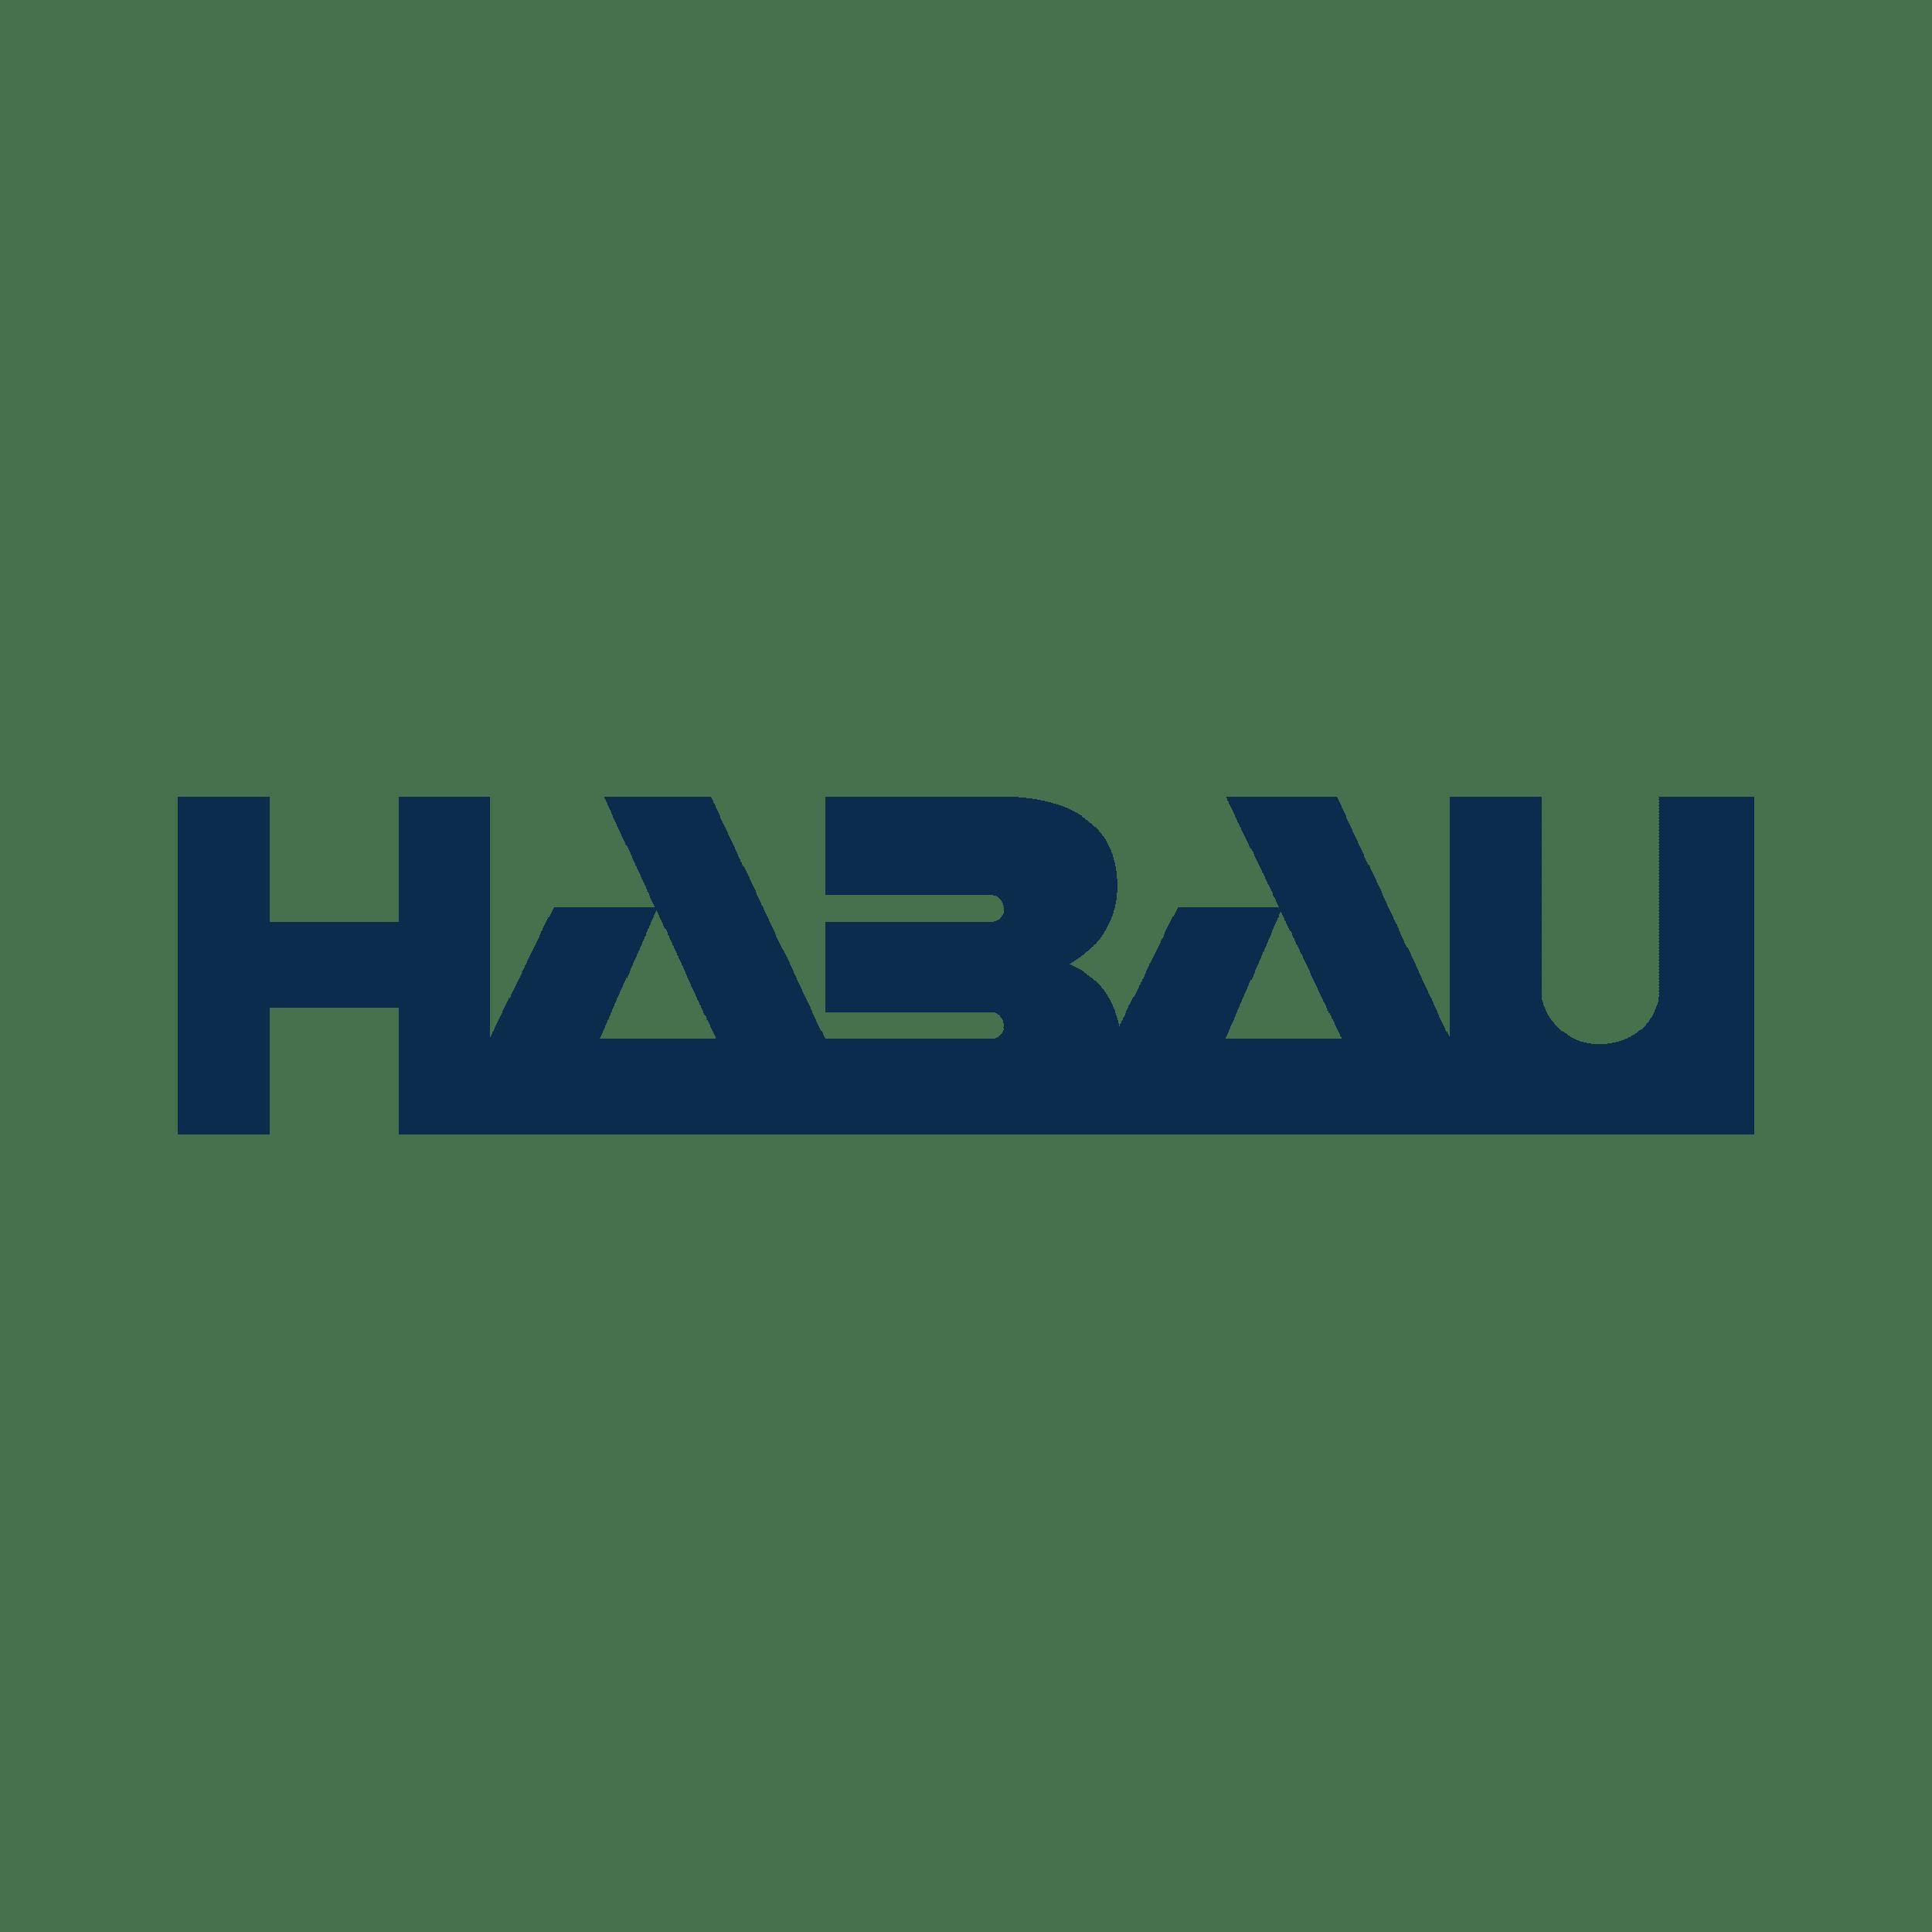 Habau